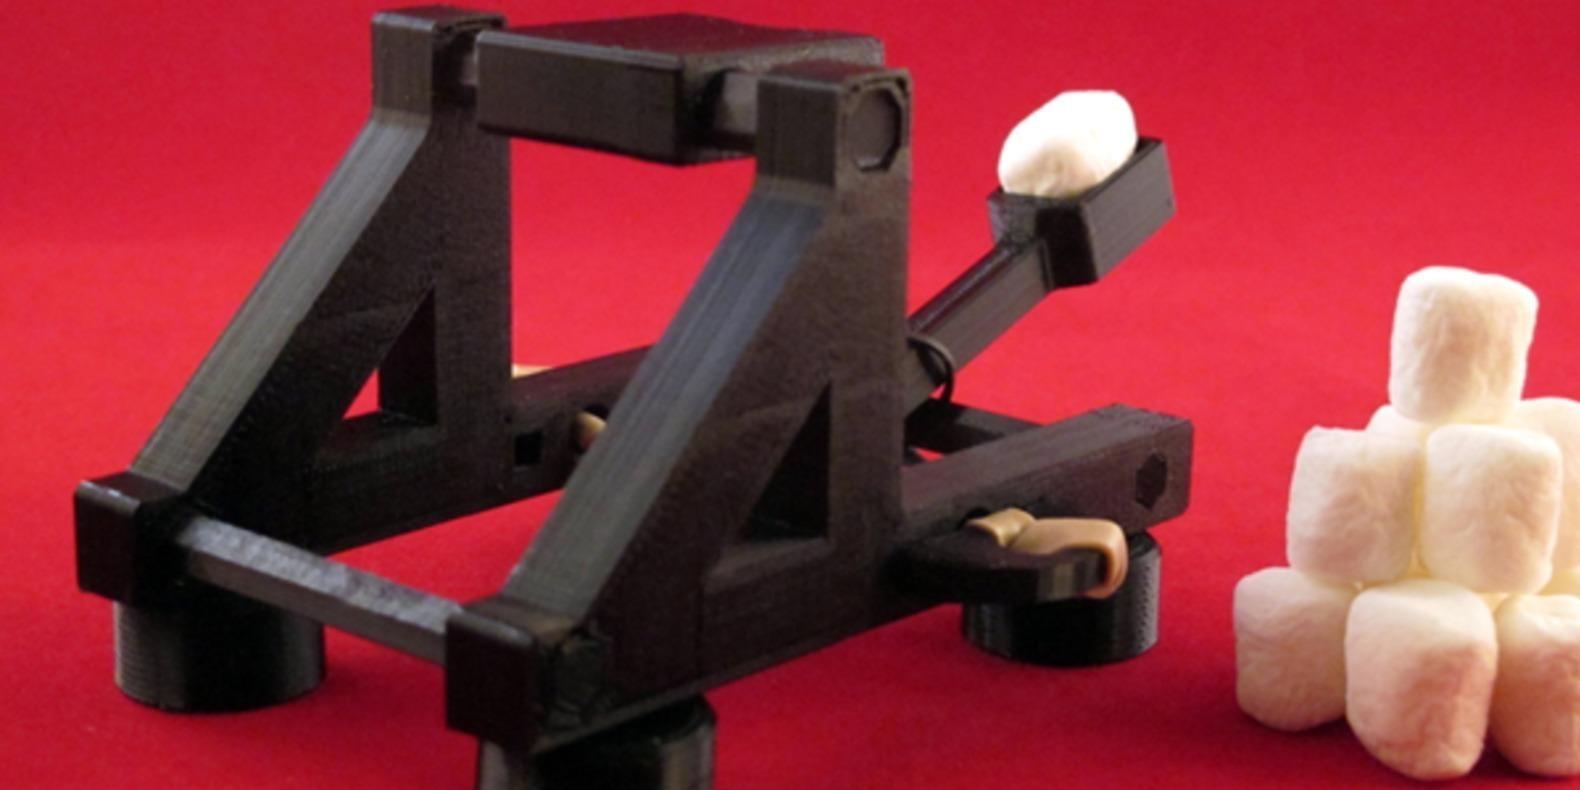 11.Catapulte-Zheng3 jouets imprimés en 3D